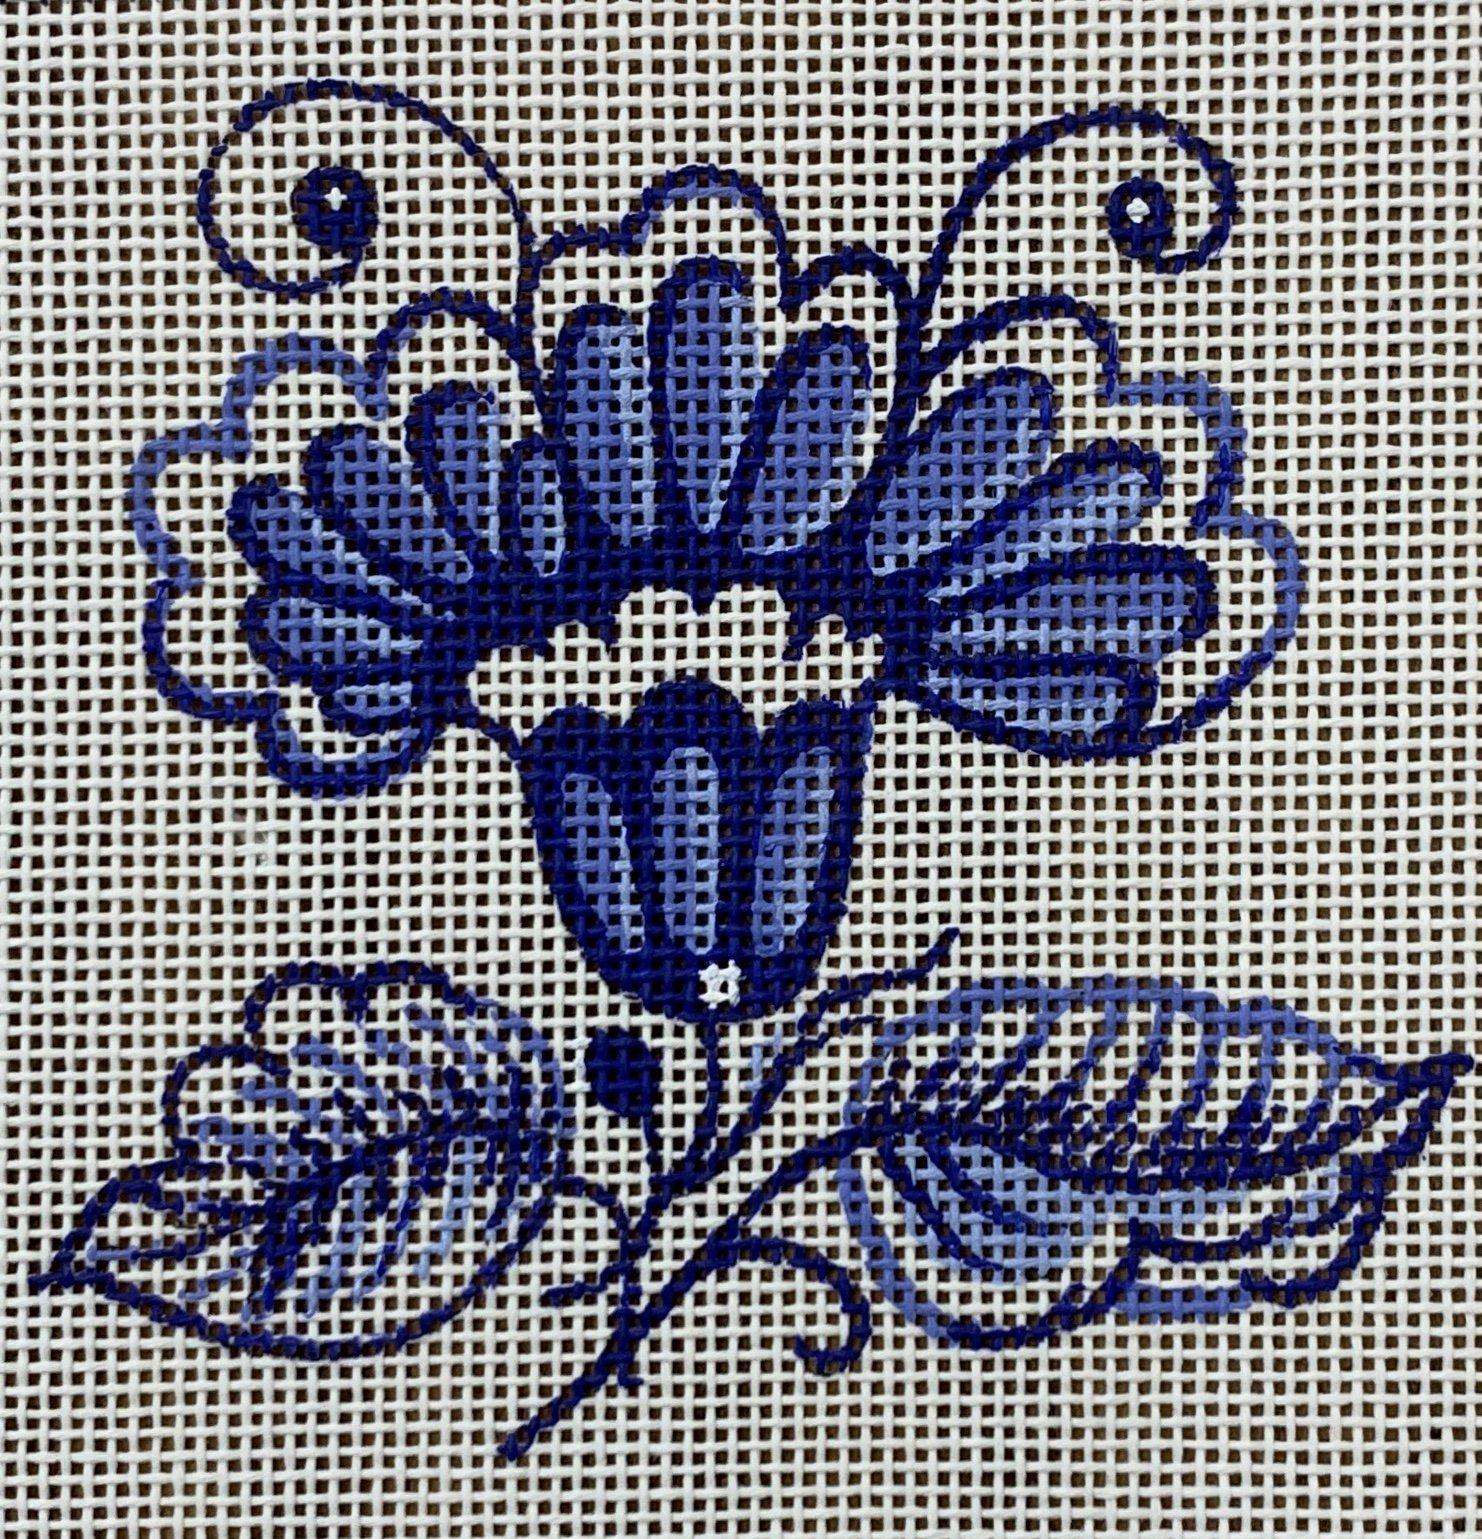 Delft Tiles Collection - Iris